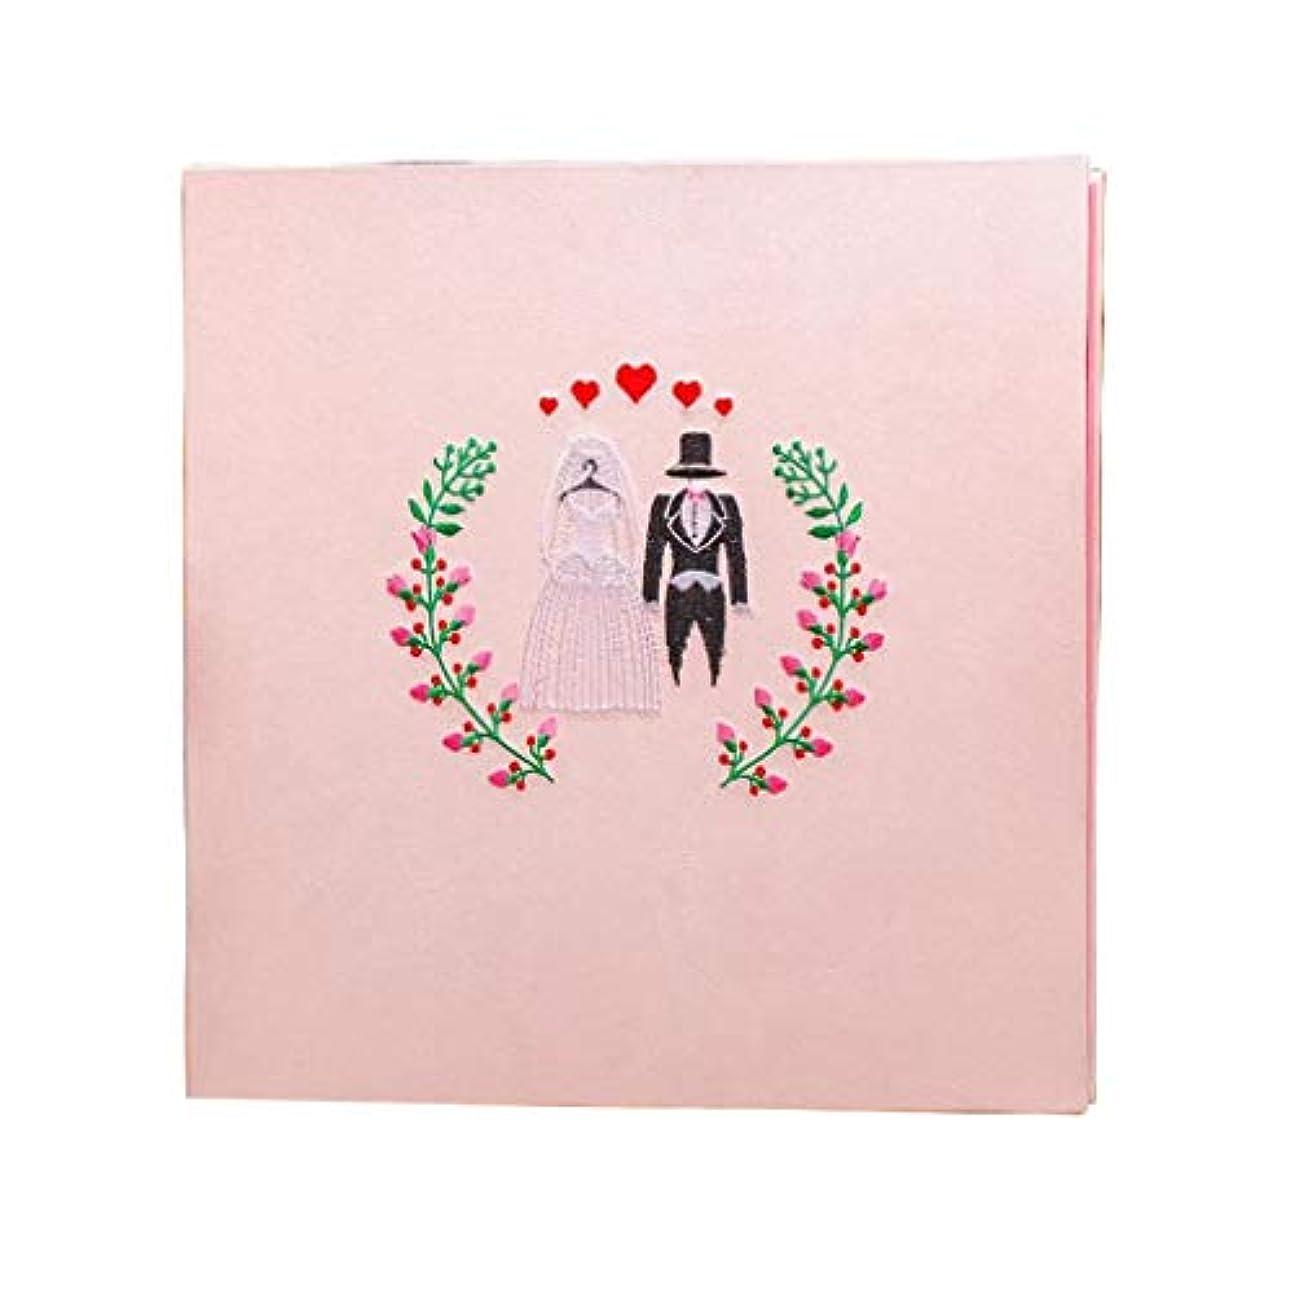 キー六脚本HongTeng 18インチの手作りDIYフォトアルバム、タイプDIフォトアルバム、ウエディングフォトアルバム、カップルフォトアルバム、新年のギフト、ギフトボックスを貼り付け (Color : Pink white inner page)